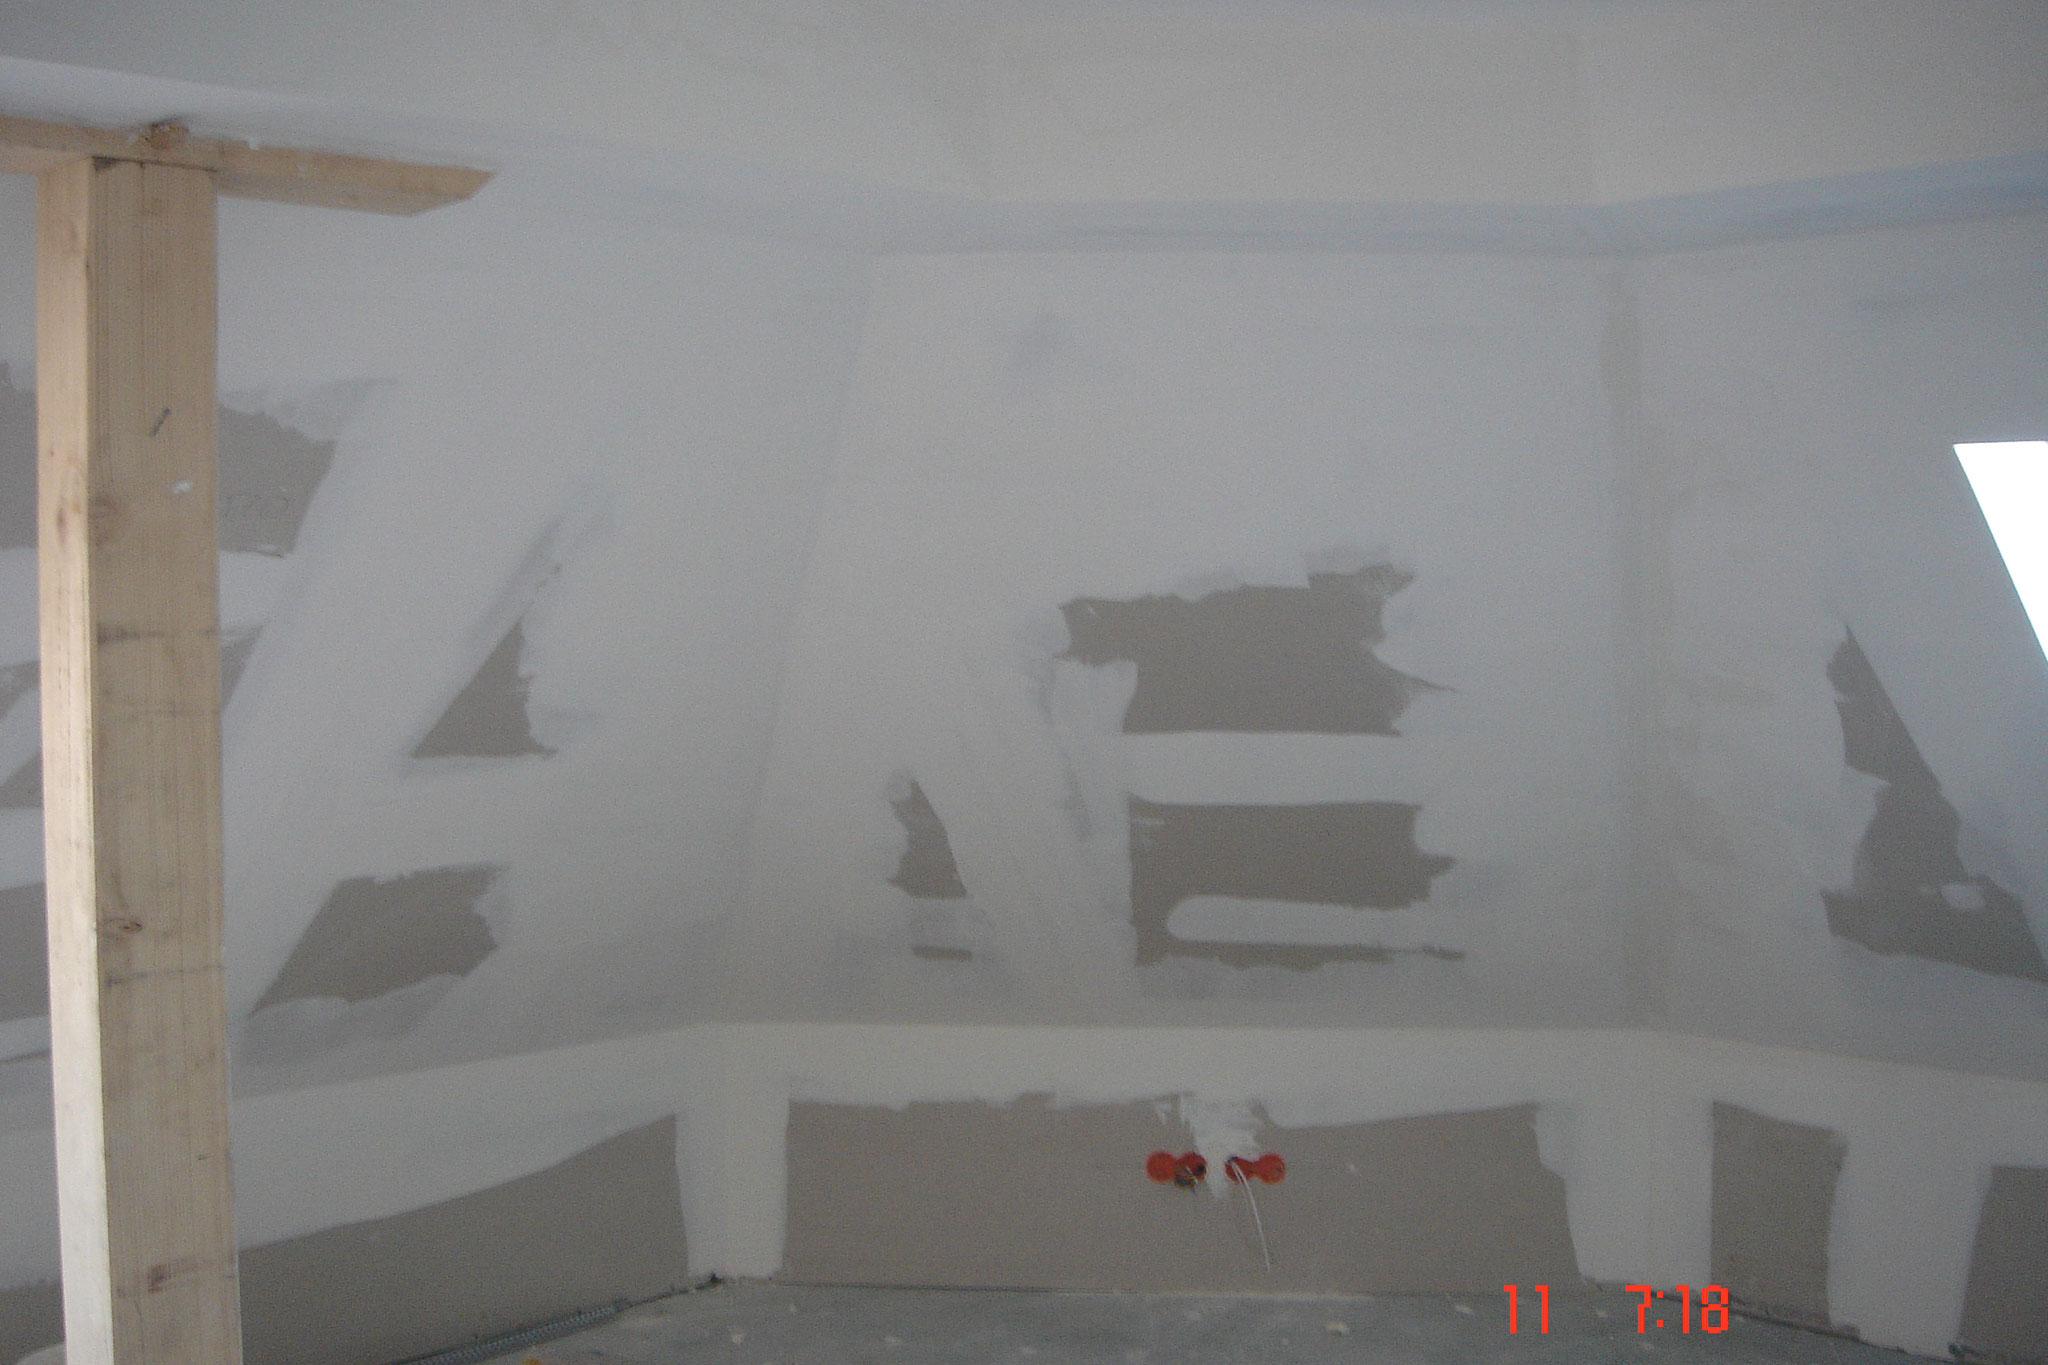 Ossature plafond rampant avec deux couches laine de verre Strasbourg 67 Activ Renovation